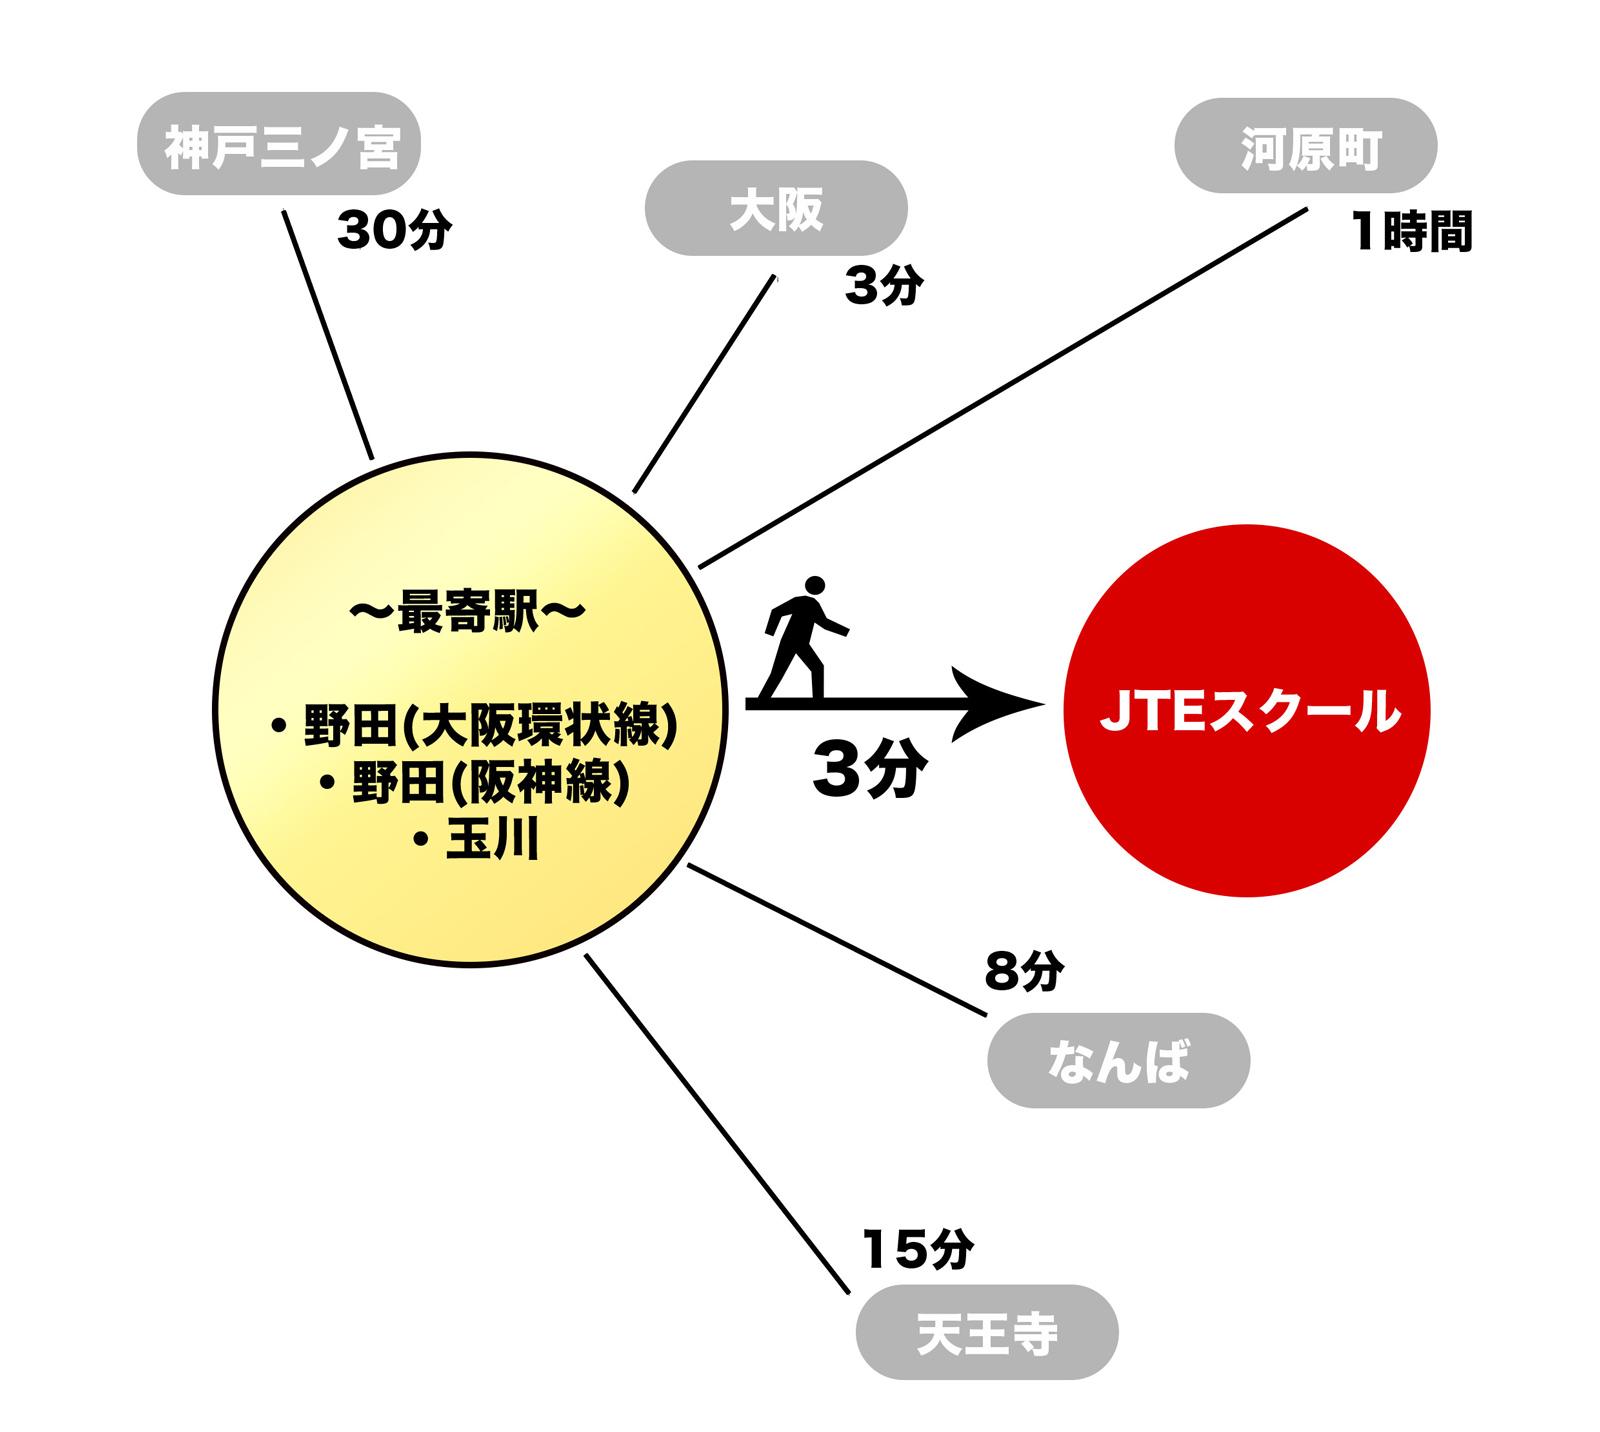 最寄り駅は、梅田からもアクセスの良いJR・阪神野田駅、地下鉄玉川駅。徒歩3分に位置しています。